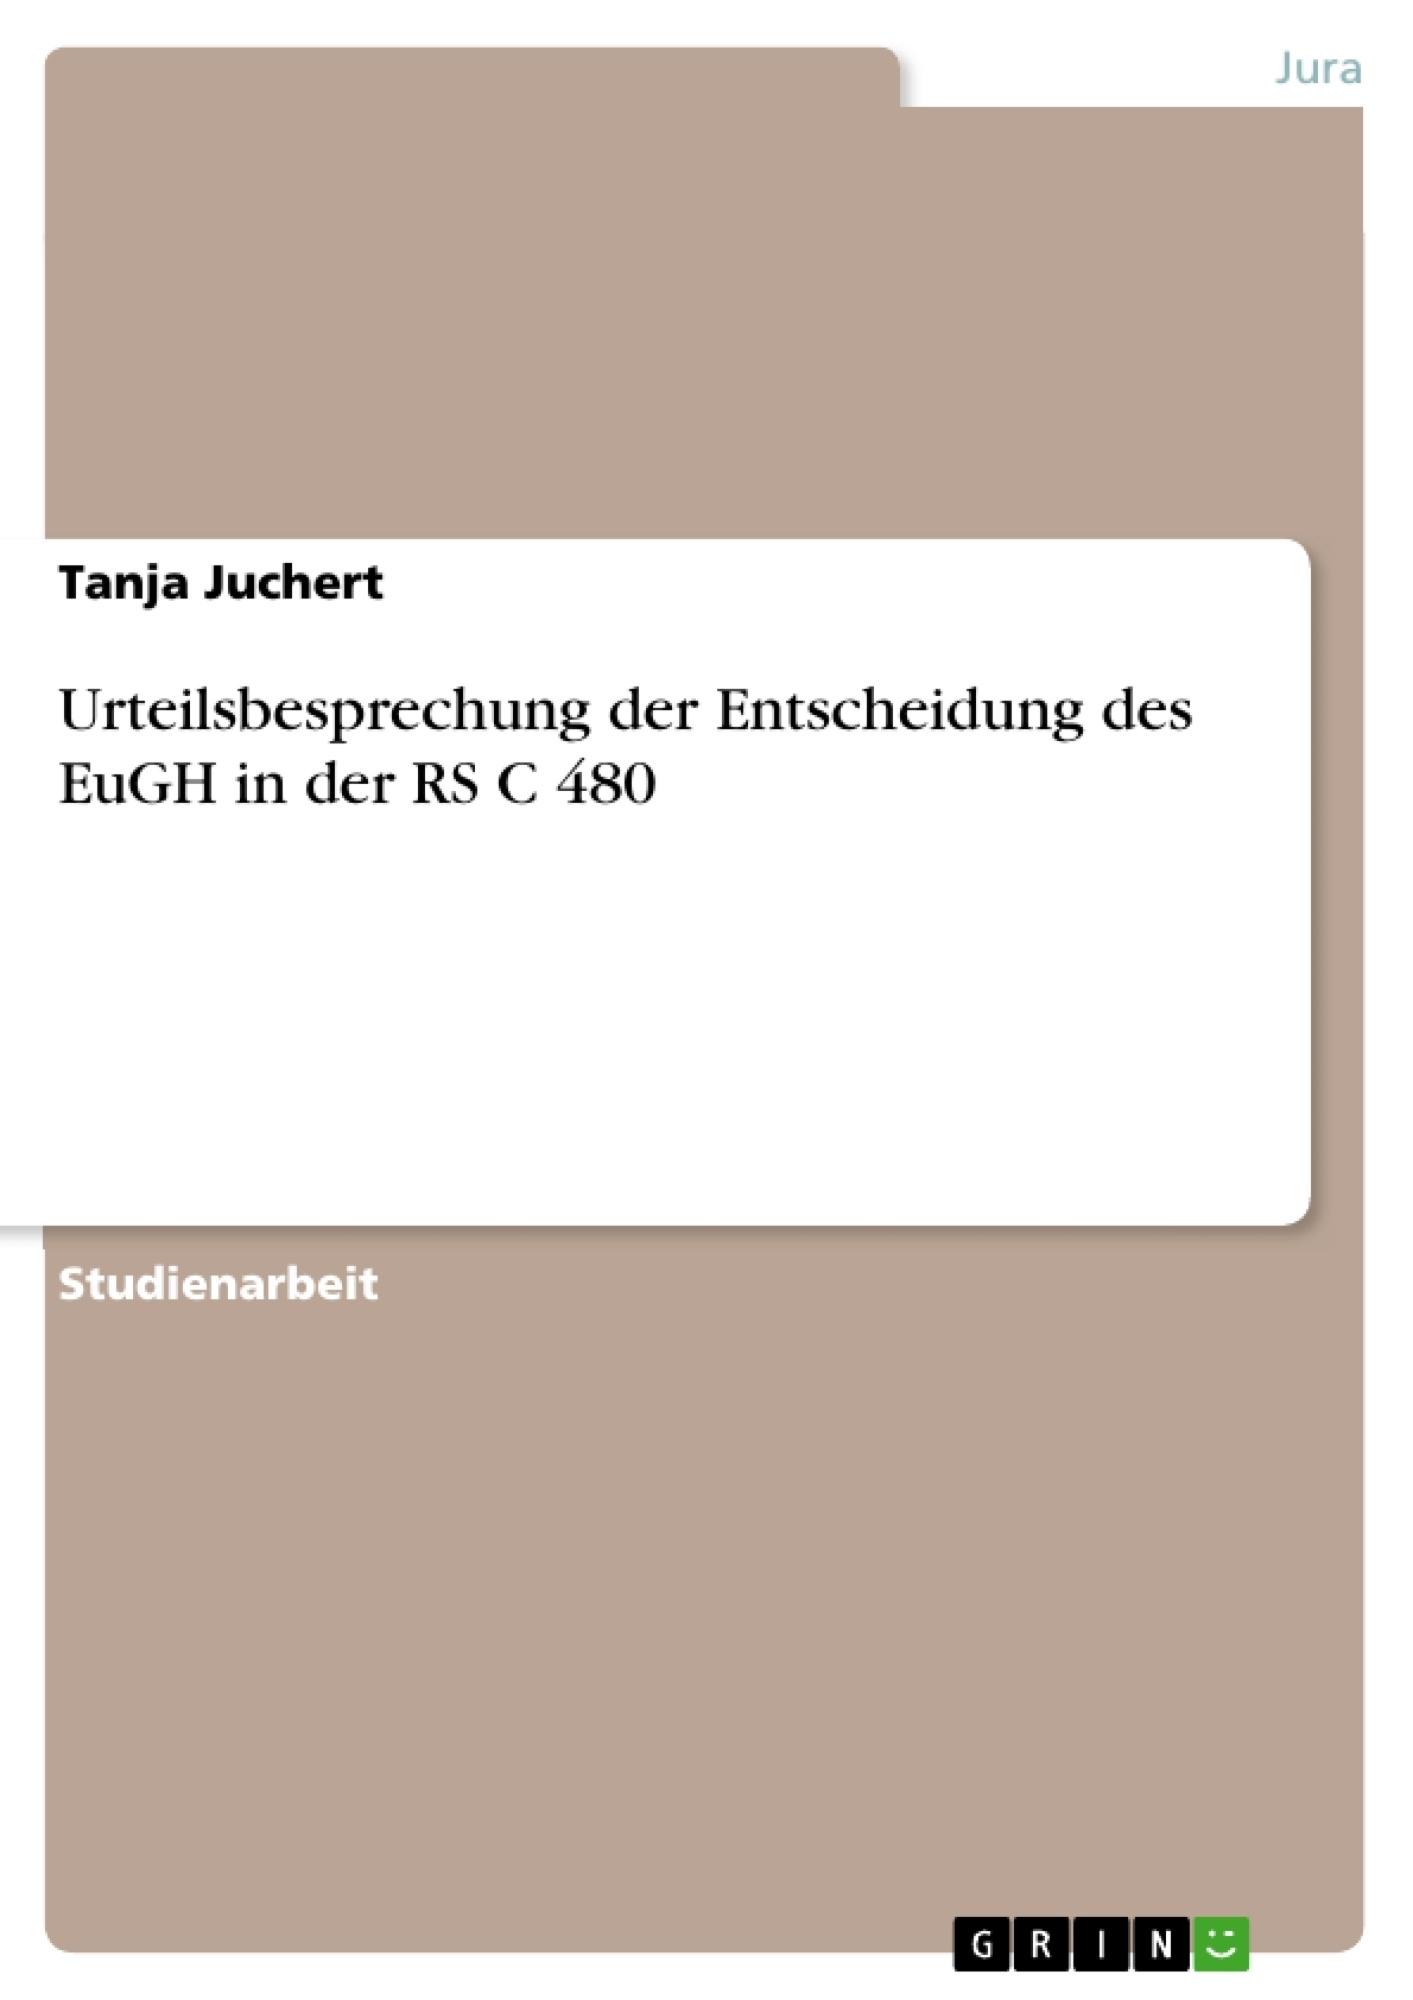 Titel: Urteilsbesprechung der Entscheidung des EuGH in der RS C 480